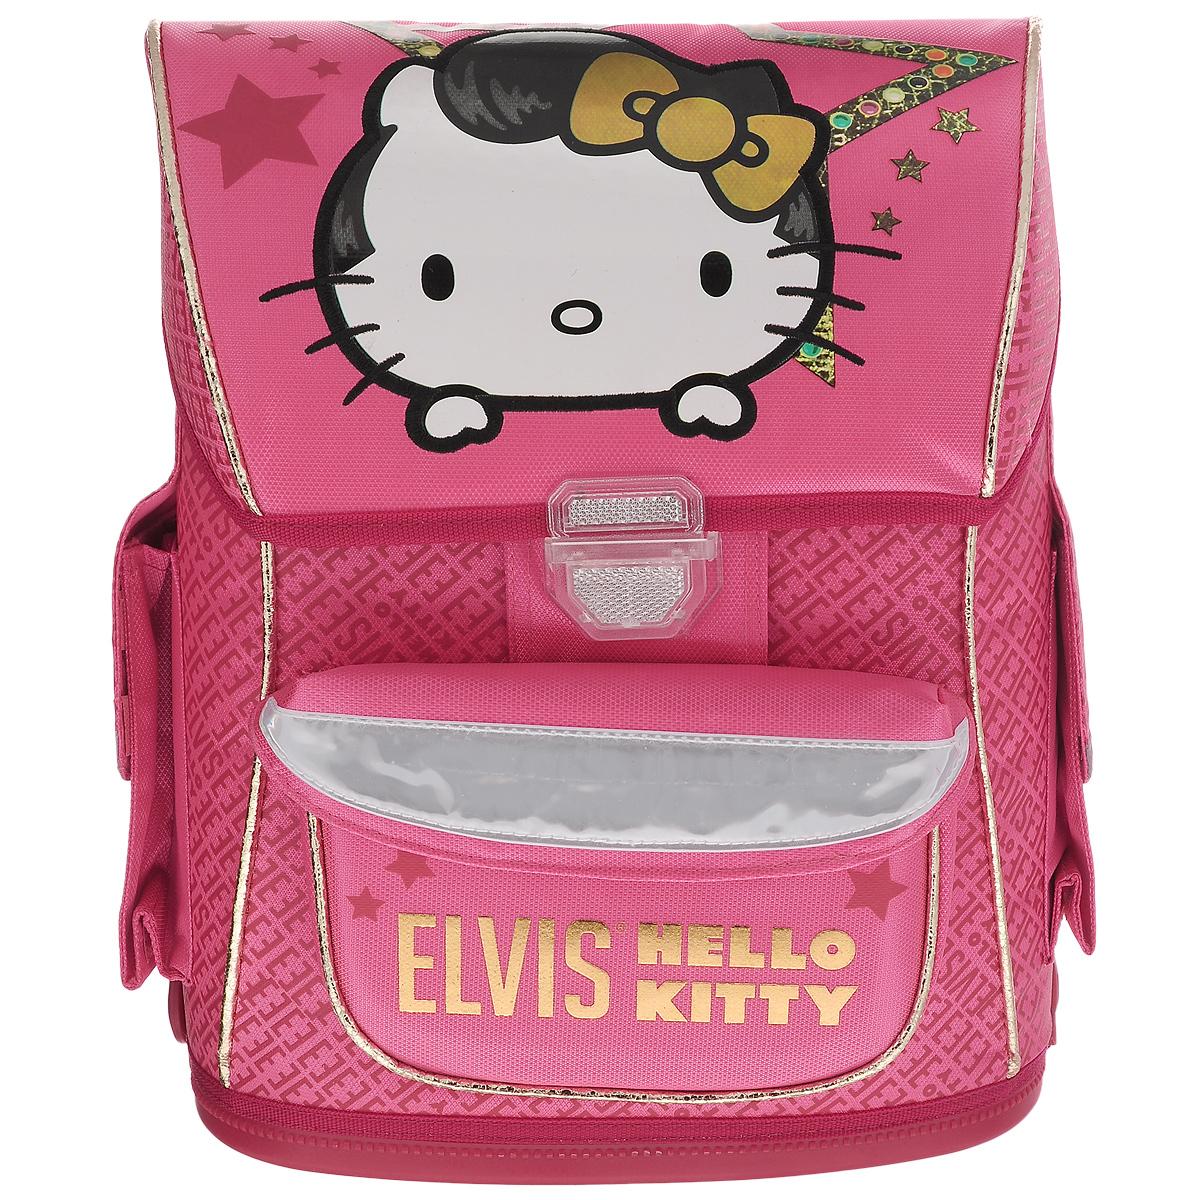 Ранец школьный Hello Kitty. Elvis, с наполнением, цвет: розовый, белыйHKOZ-UT1-568SETШкольный ранец Hello Kitty выполнен из современного легкого и прочного материала ярко-розового цвета, дополненный яркими аппликациями с кошечкой Kitty. Ранец имеет одно основное отделение, закрывающееся на клапан с замком-защелкой. Под крышкой расположен прозрачный пластиковый кармашек для расписания уроков, или для вкладыша с адресом и ФИО владельца. Внутри главного отделения имеется пришивной кармашек для мелочи и расположены два разделителя, предназначенные для размещения предметов без сложения, размером до формата А4 включительно. На лицевой стороне ранца расположен накладной карман на липучке. По бокам ранца размещены два дополнительных накладных кармана под клапанами, с липучкой. Рельеф спинки ранца разработан с учетом особенности детского позвоночника. Ранец оснащен петлей для подвешивания и двумя широкими лямками, регулируемой длины. Дно ранца полностью пластиковое. Многофункциональный школьный ранец станет незаменимым спутником вашего ребенка в...